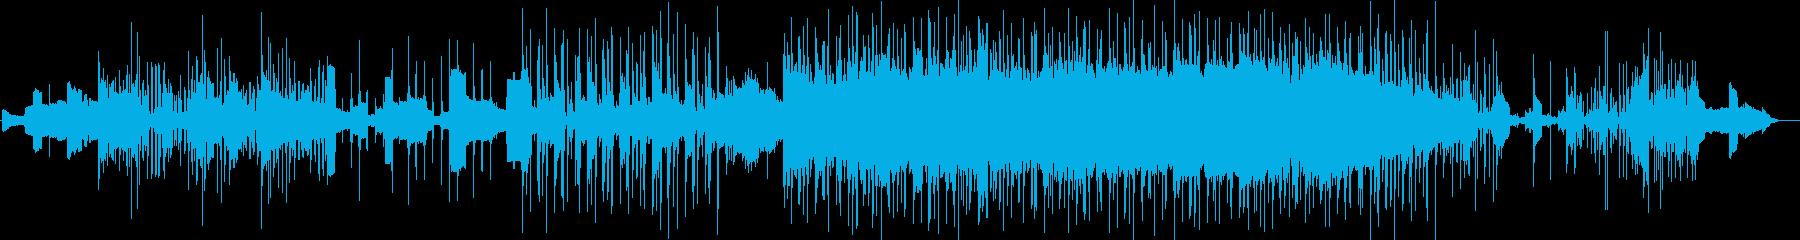 ポップの再生済みの波形